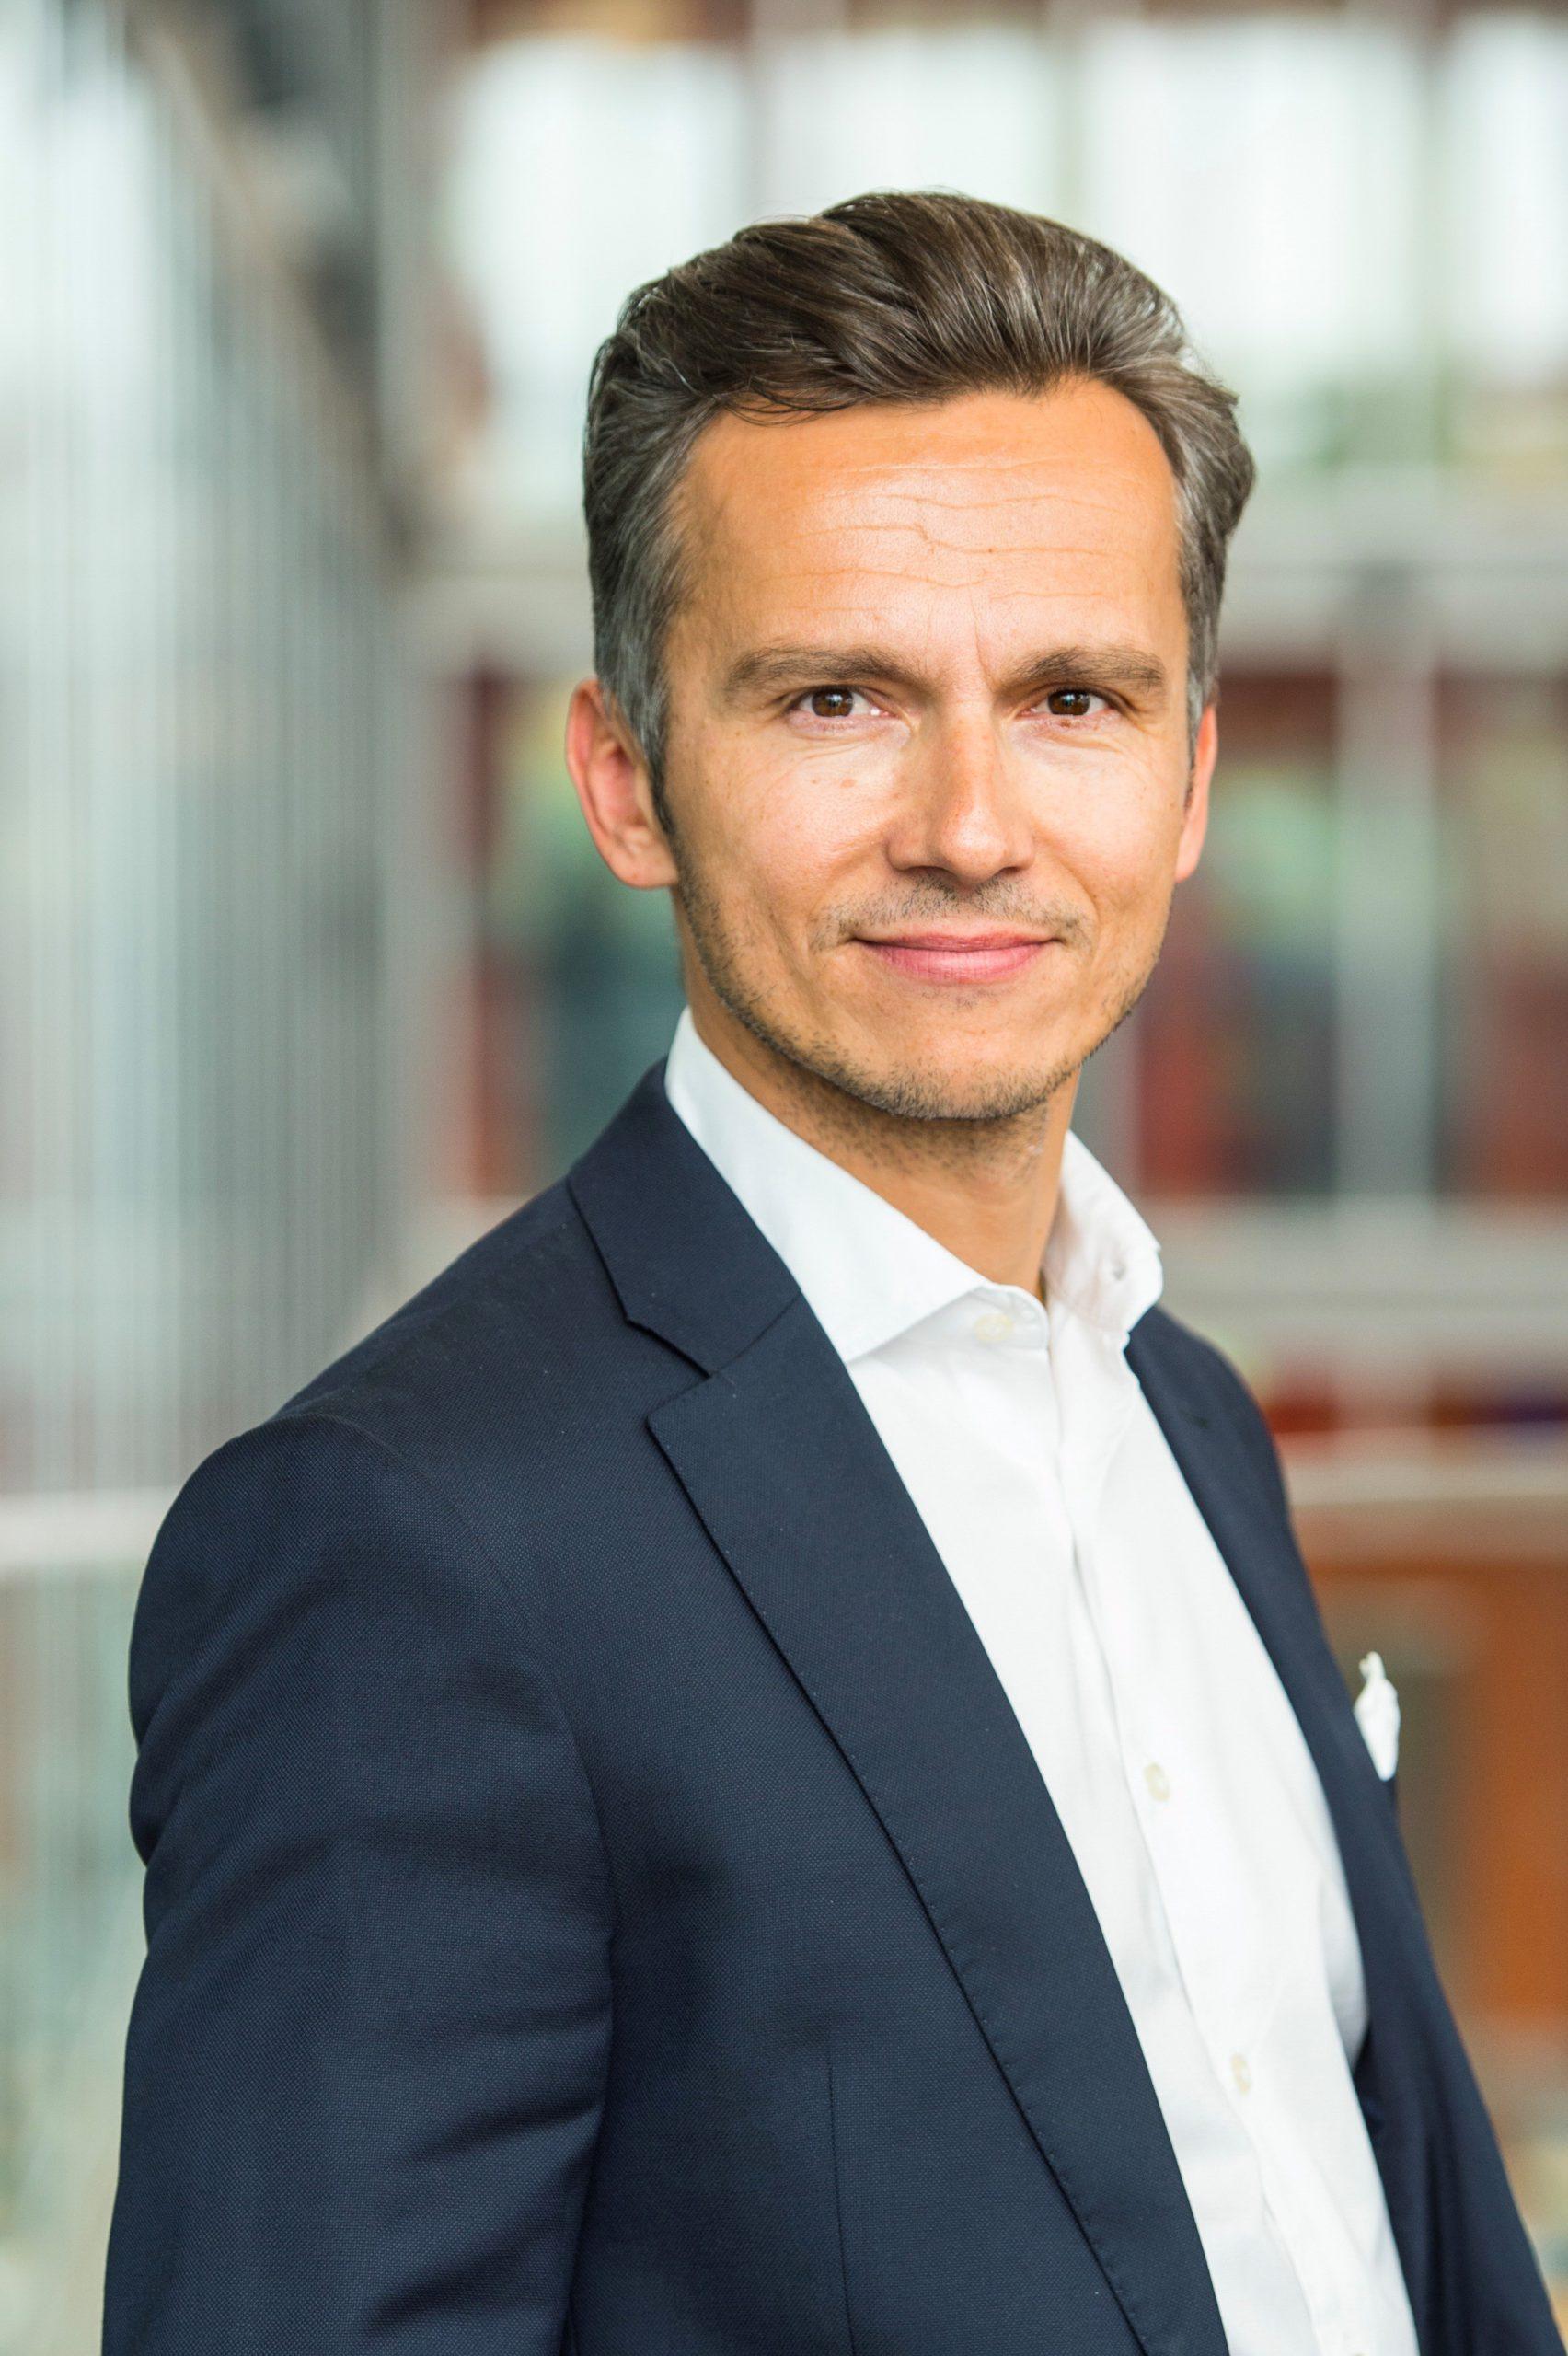 Nowy Dyrektor Zarządzający Mondelēz International w Polsce i Krajach Bałtyckich